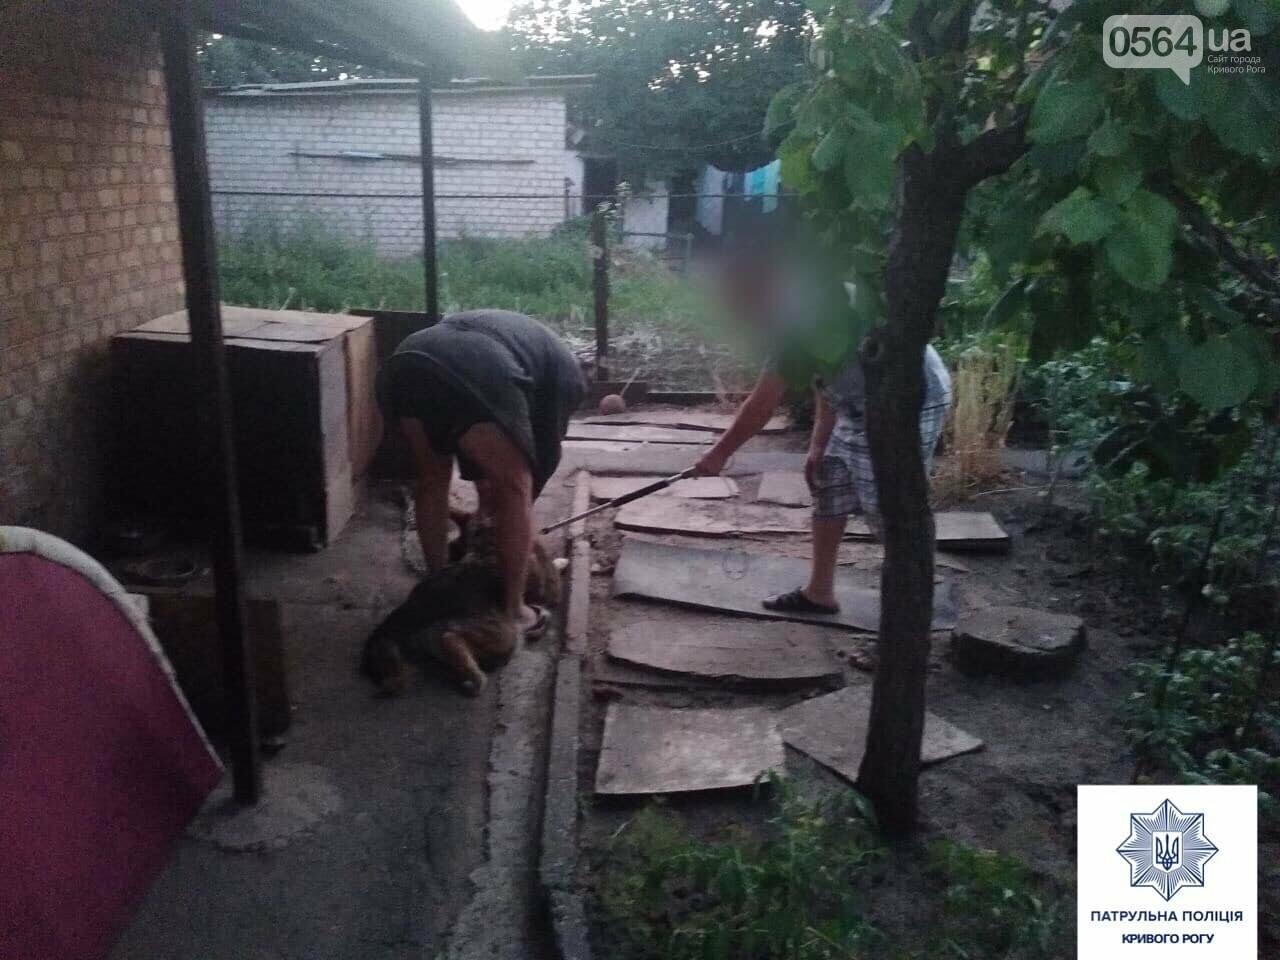 В Кривом Роге искусанный собственным псом мужчина вызвал полицию, - ФОТО, фото-3